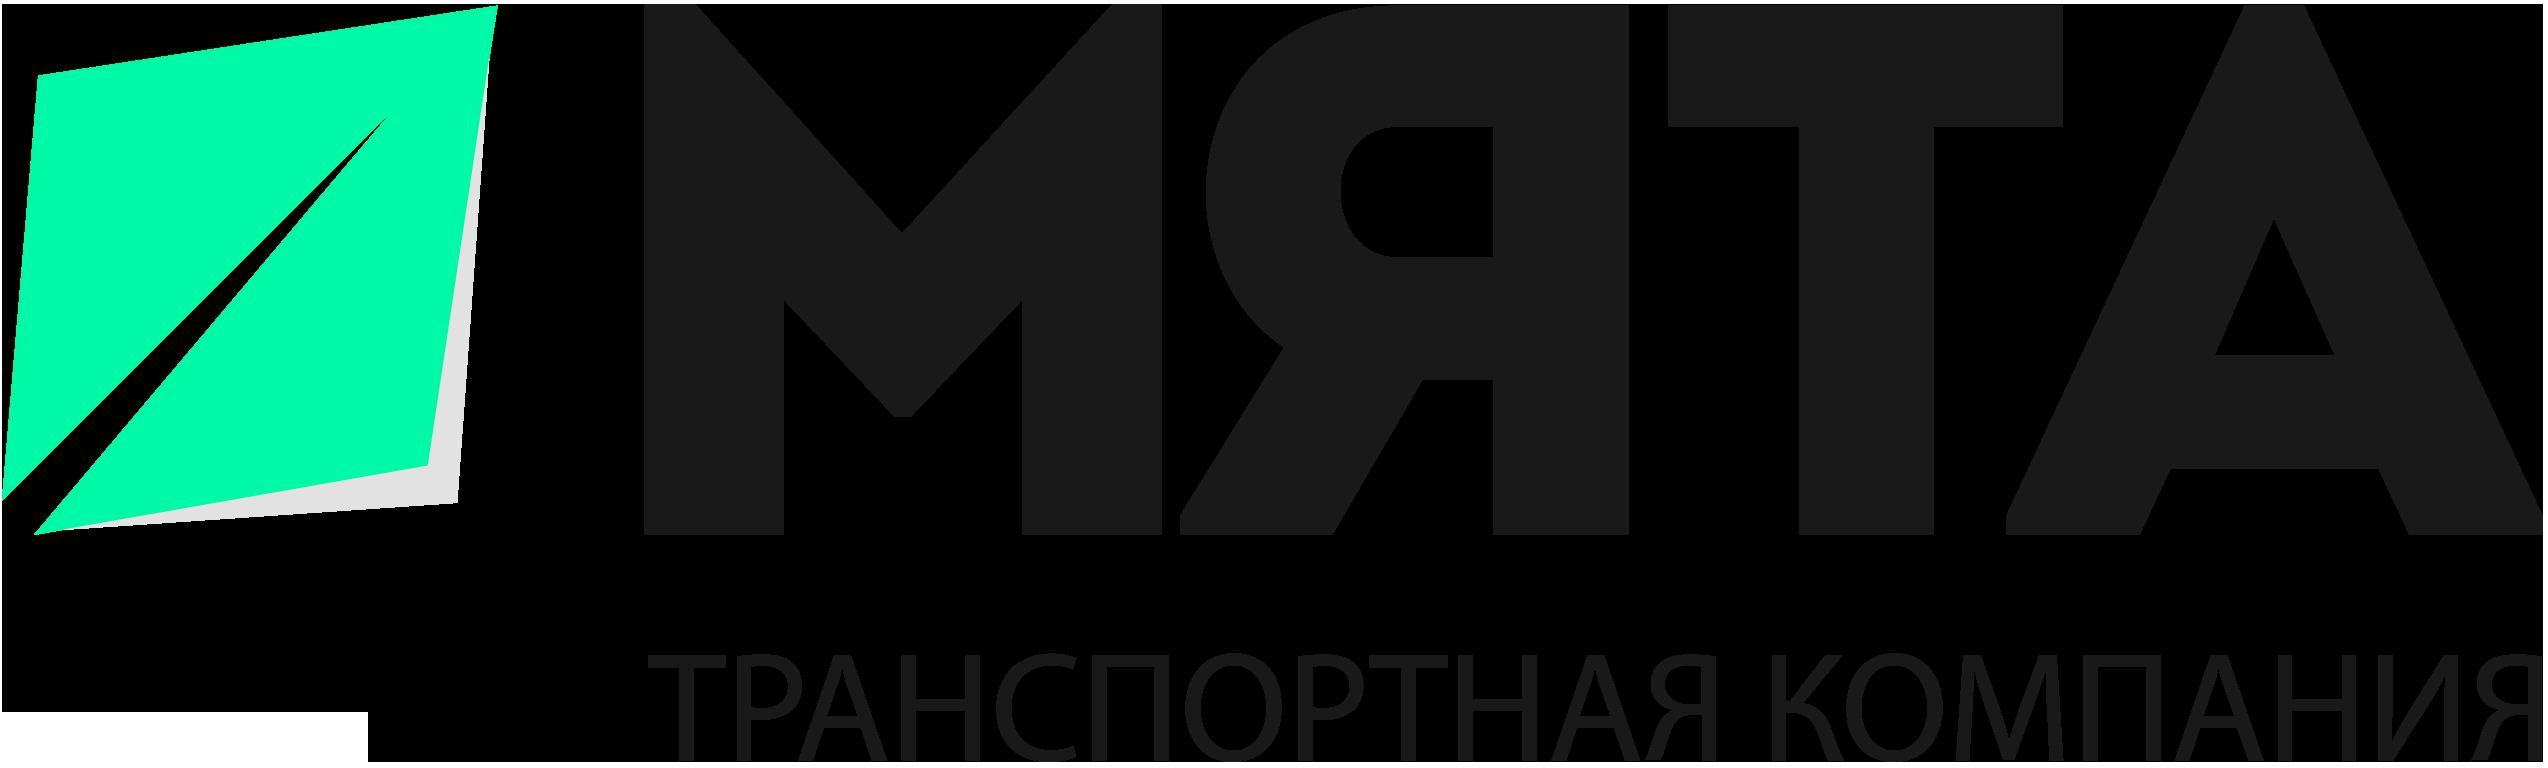 Транспортная компания мята тюмень официальный сайт компания эрдин официальный сайт